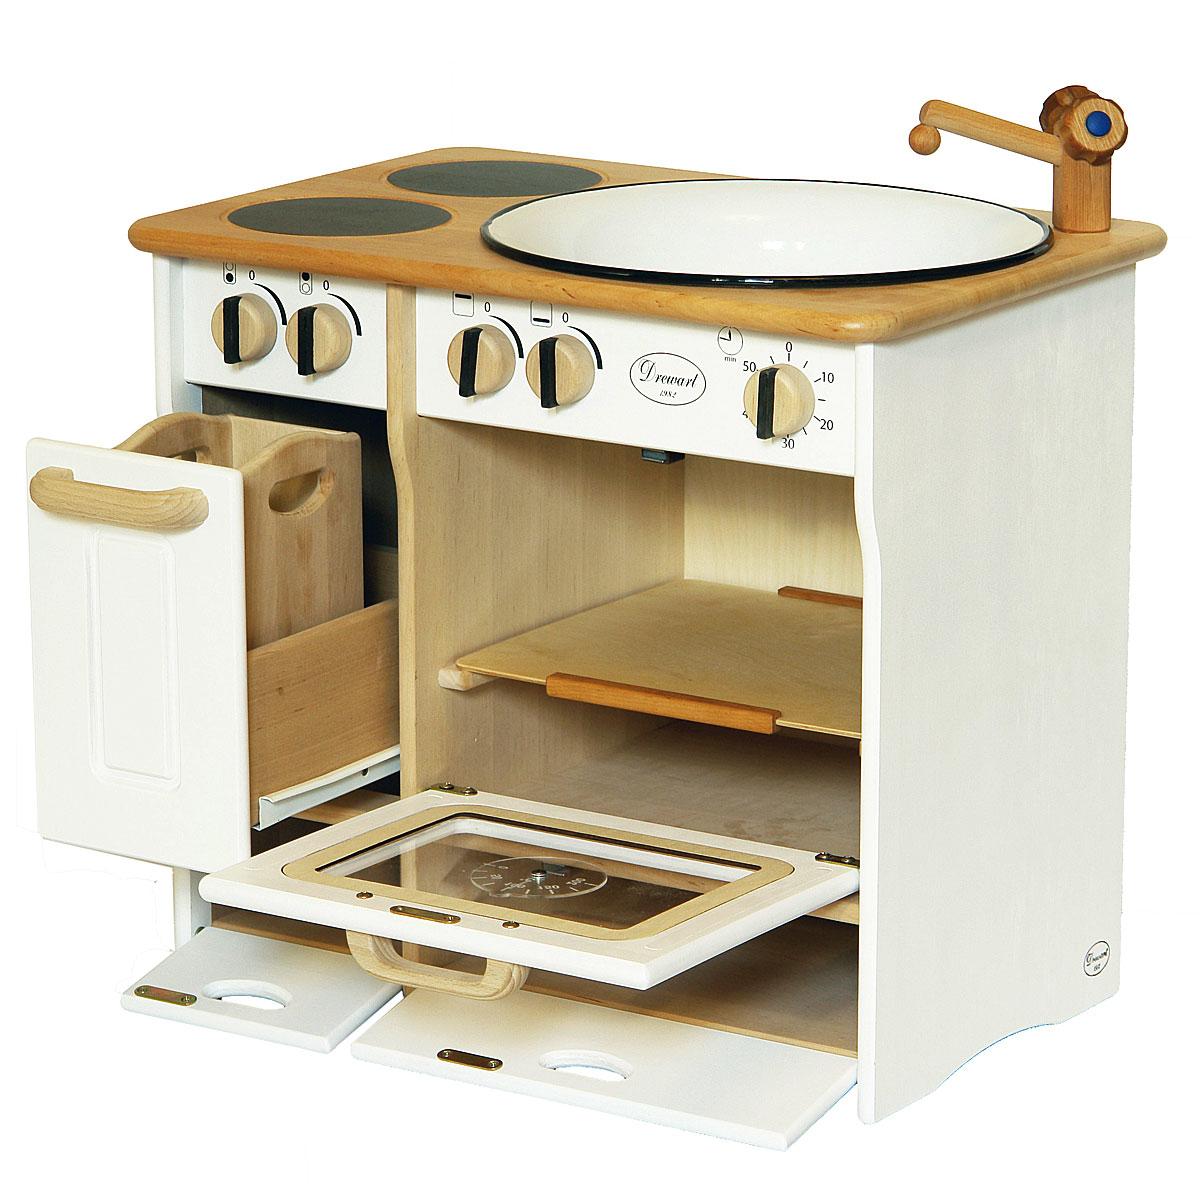 Drewart cucina di legno bianco giocattoli di legno pirum for Cucina legno bianco